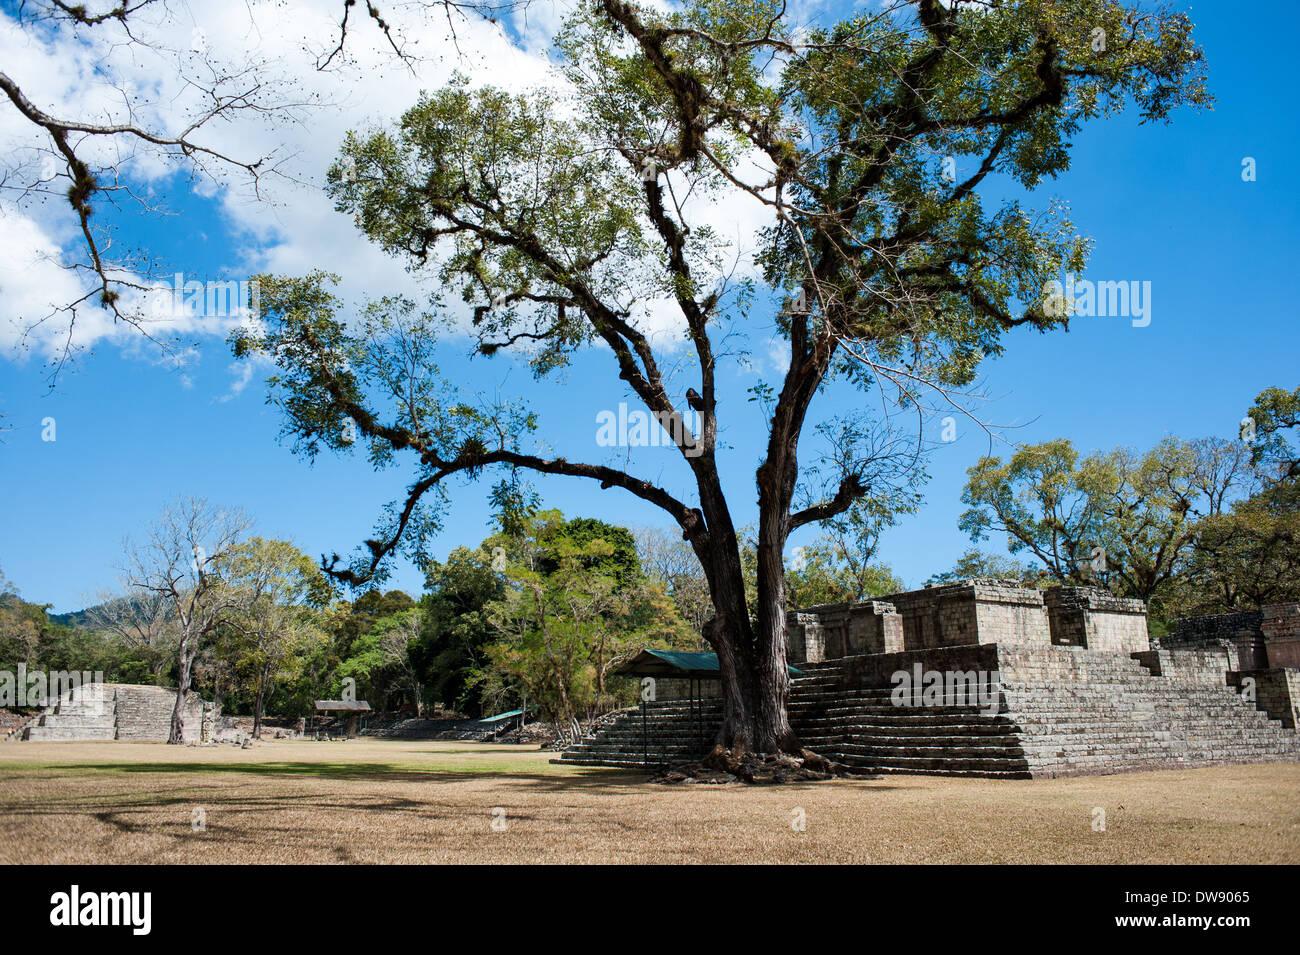 Ruinas de Copán archaeological park in Honduras - Stock Image